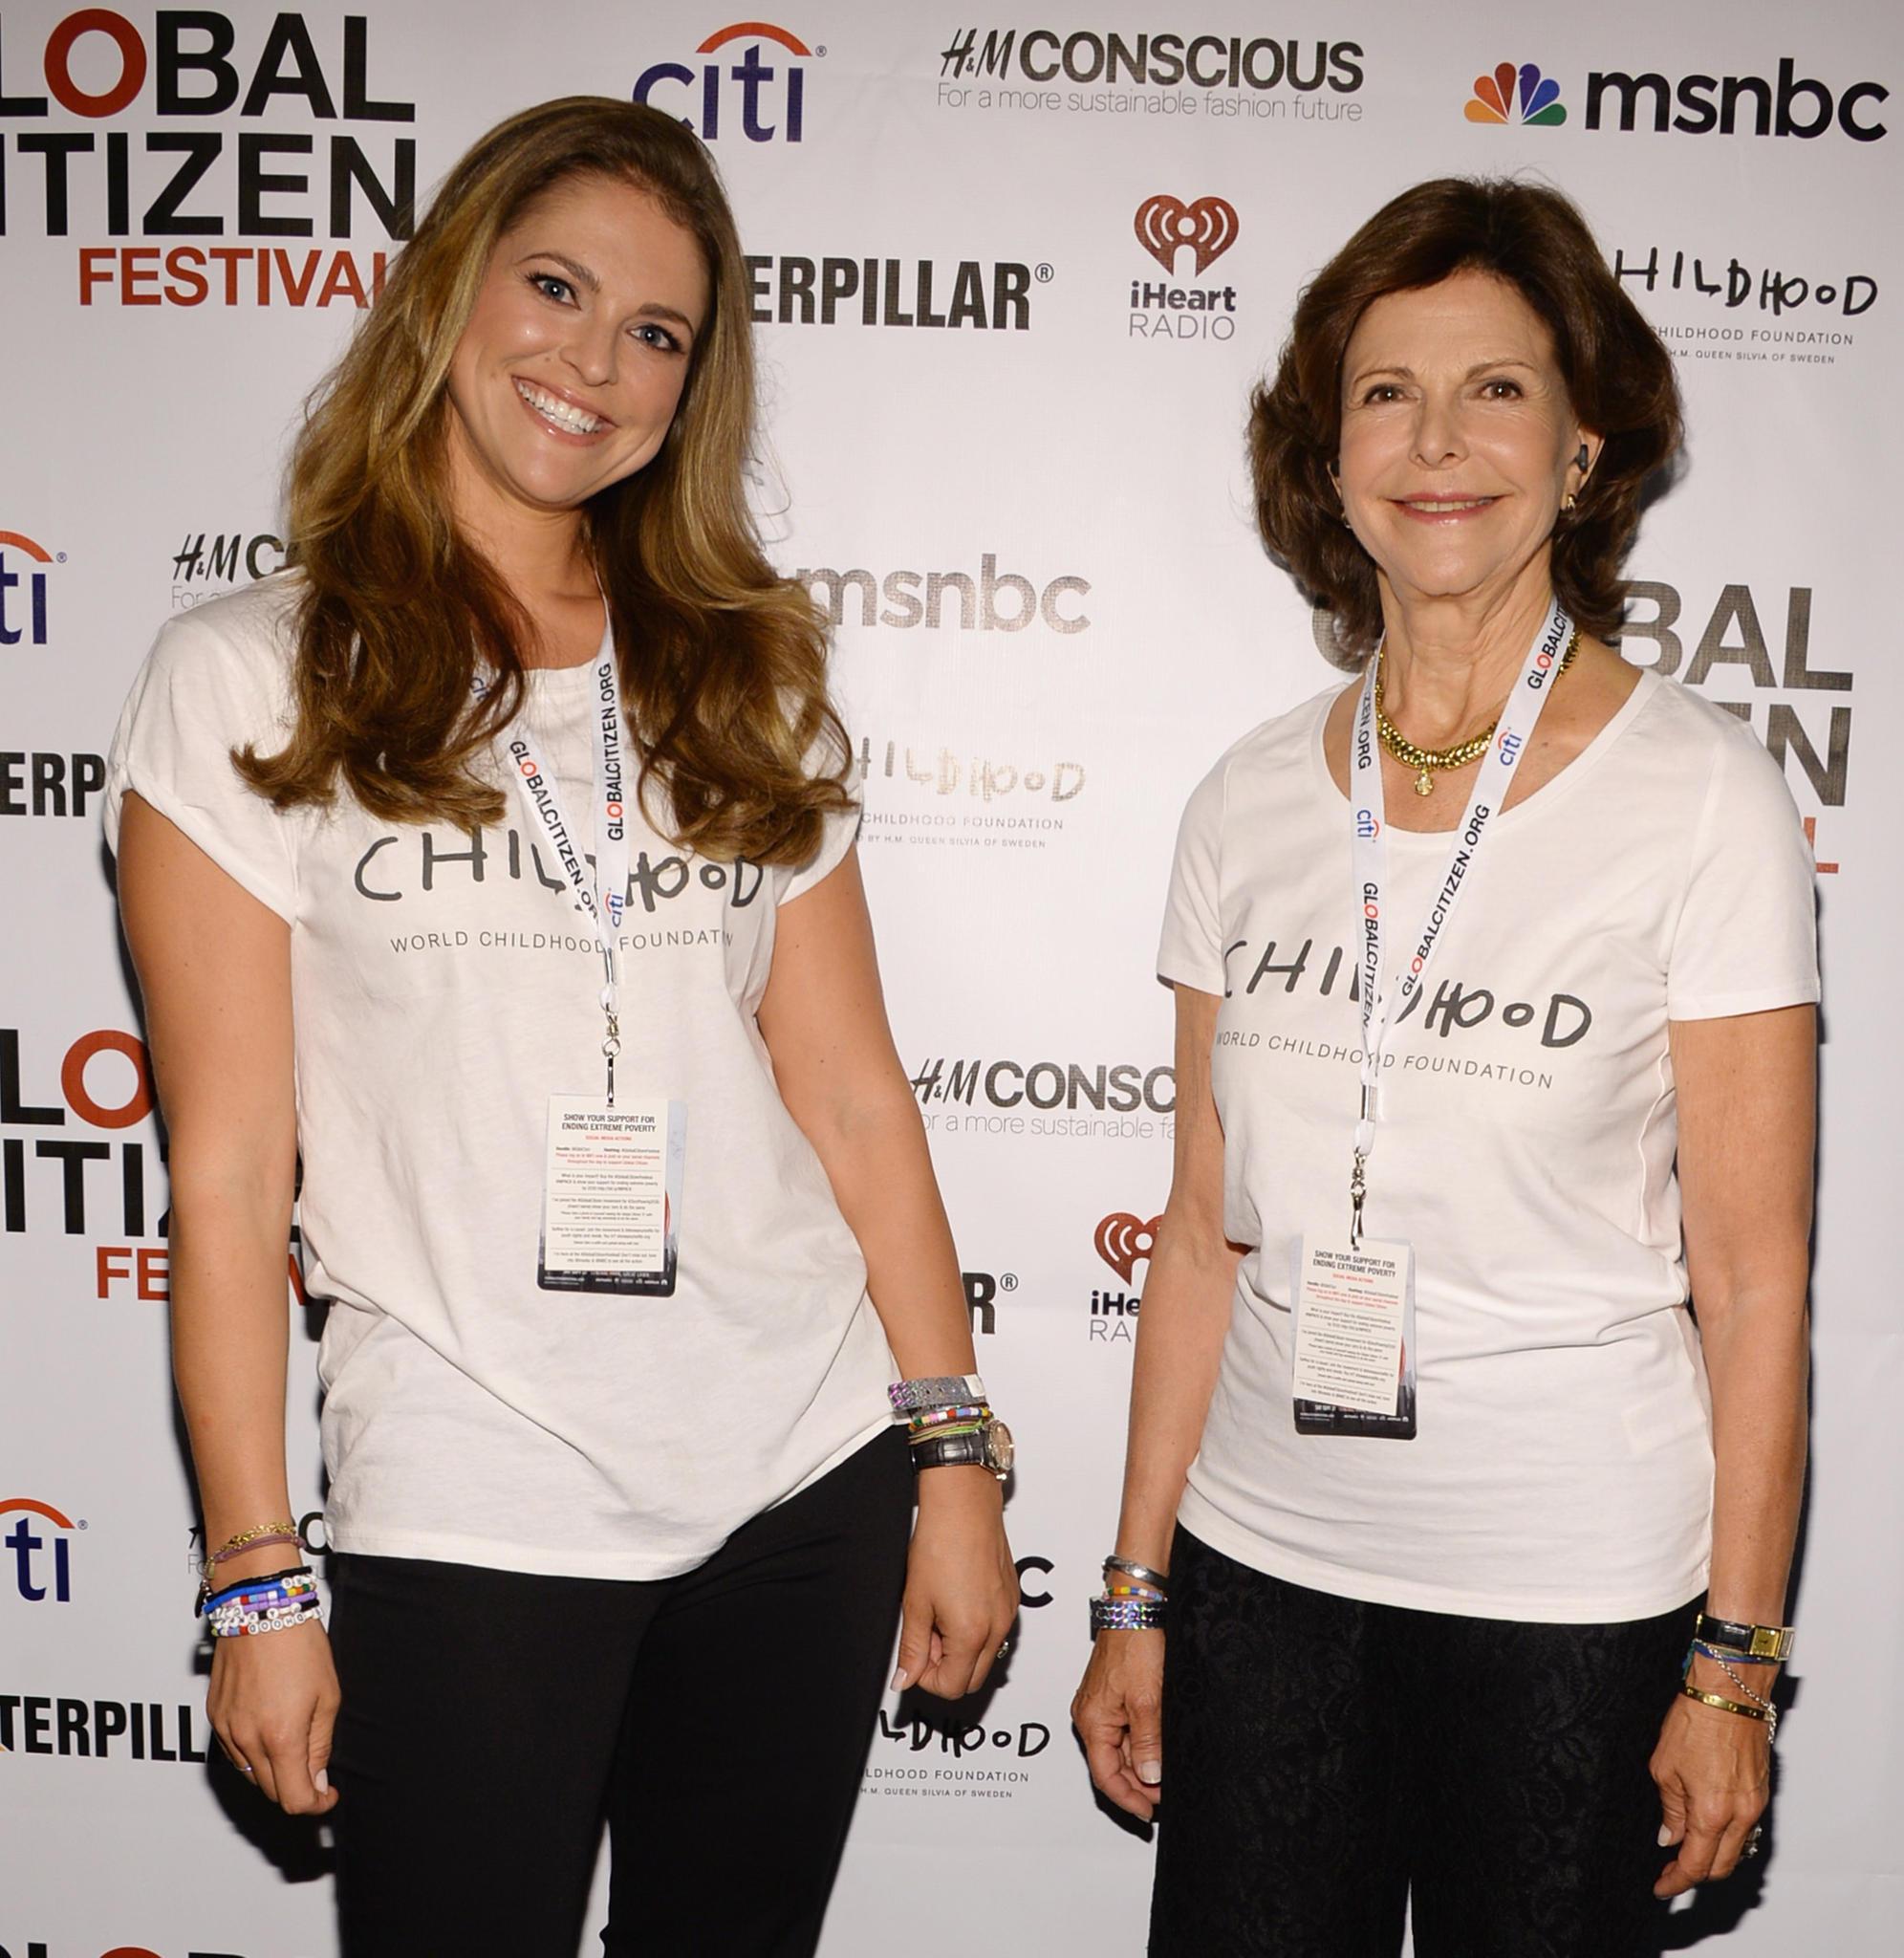 """Prinzessin Madeleine unterstützt ihre Mutter, Königin Silvia, schon länger bei ihrer Arbeit für """"Childhood"""". Hier ist das royale Gespann bei einer Veranstaltung in New York zu sehen."""